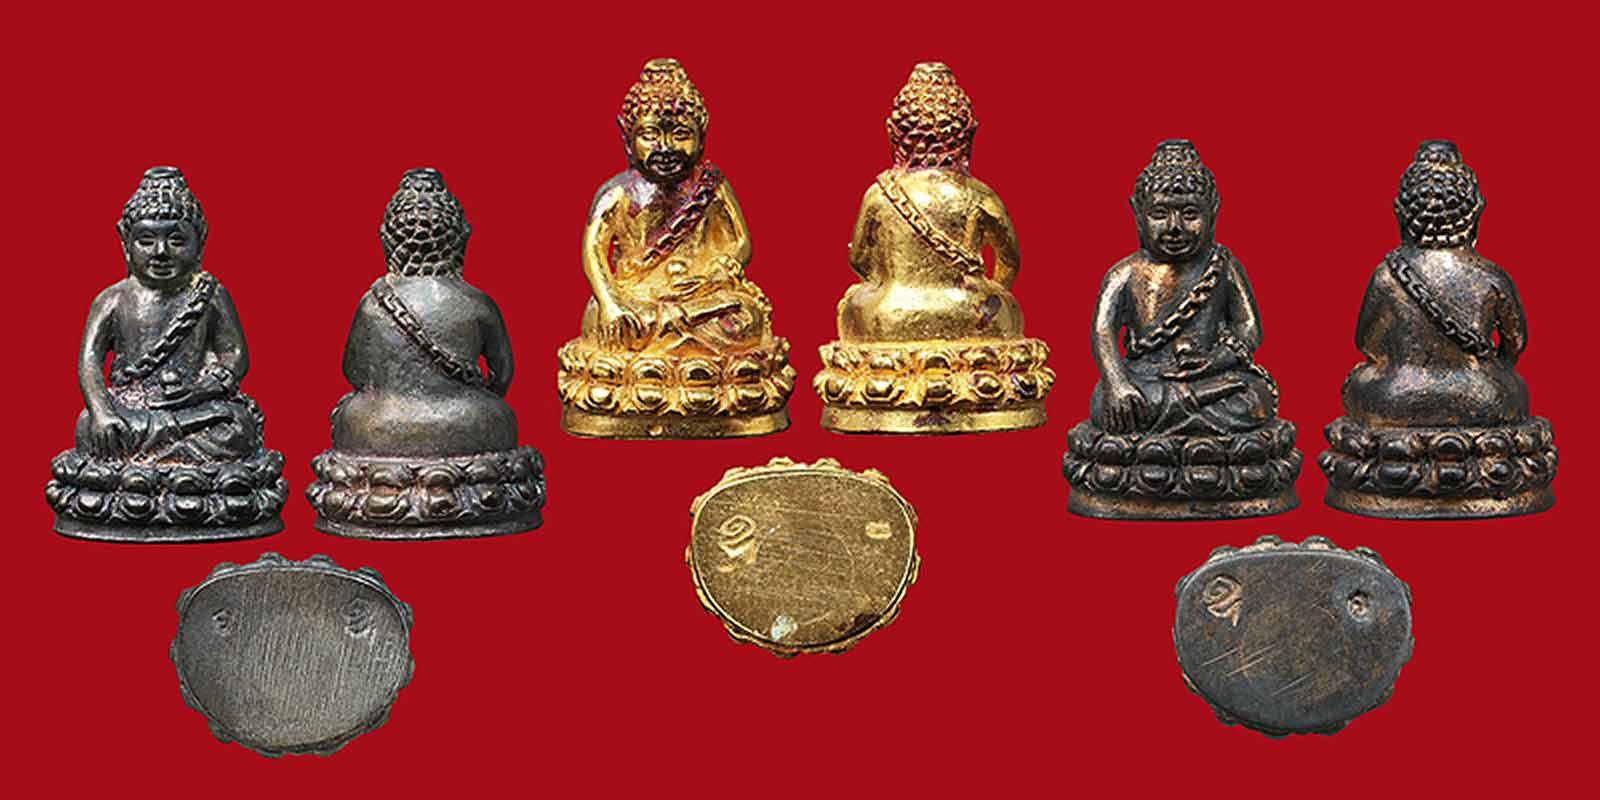 พระกริ่งอุดมสมบูรณ์ (กริ่งปุ้มปุ้ย) ปี ๒๕๓๕  ชุดทองคำ เงิน นวะ   พร้อมก(เช่าบูชาไปแล้ว)